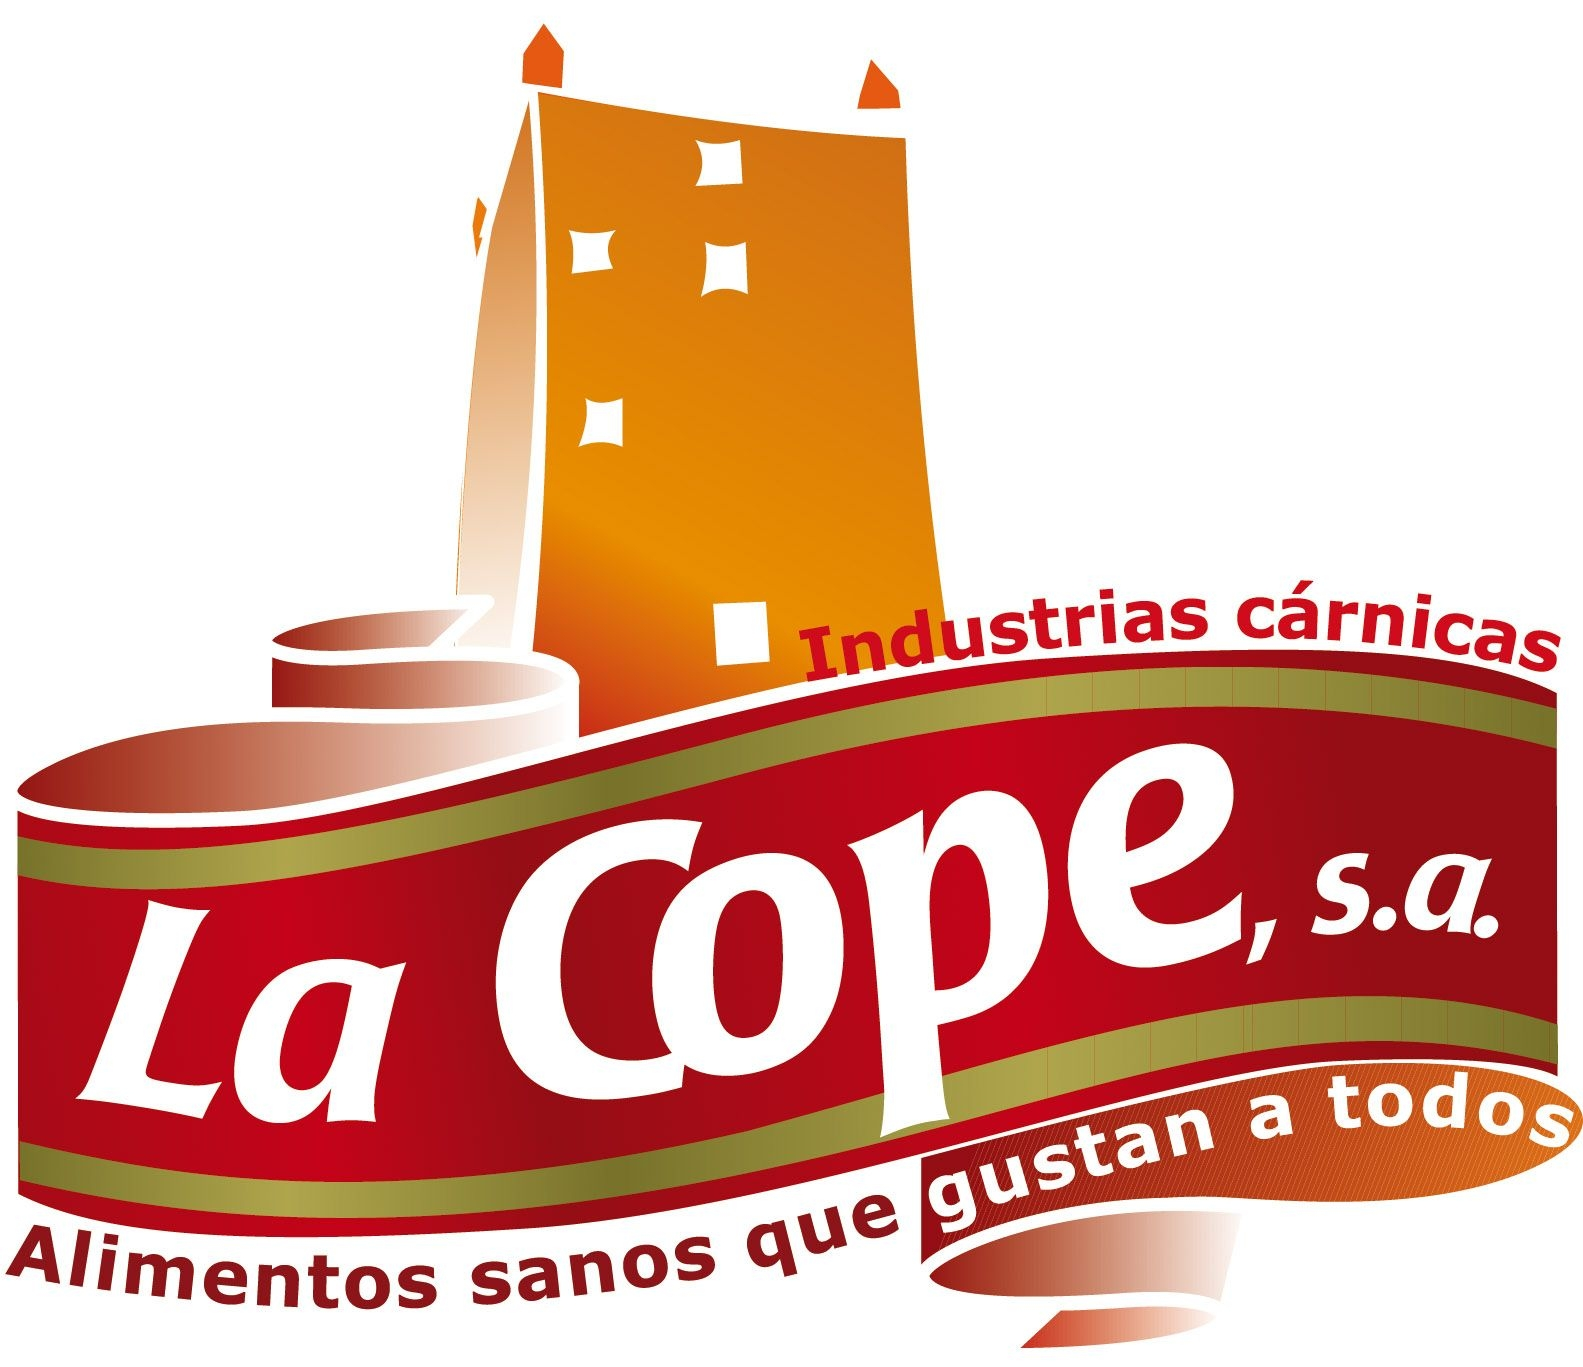 LOGO LACOPE - La Cope